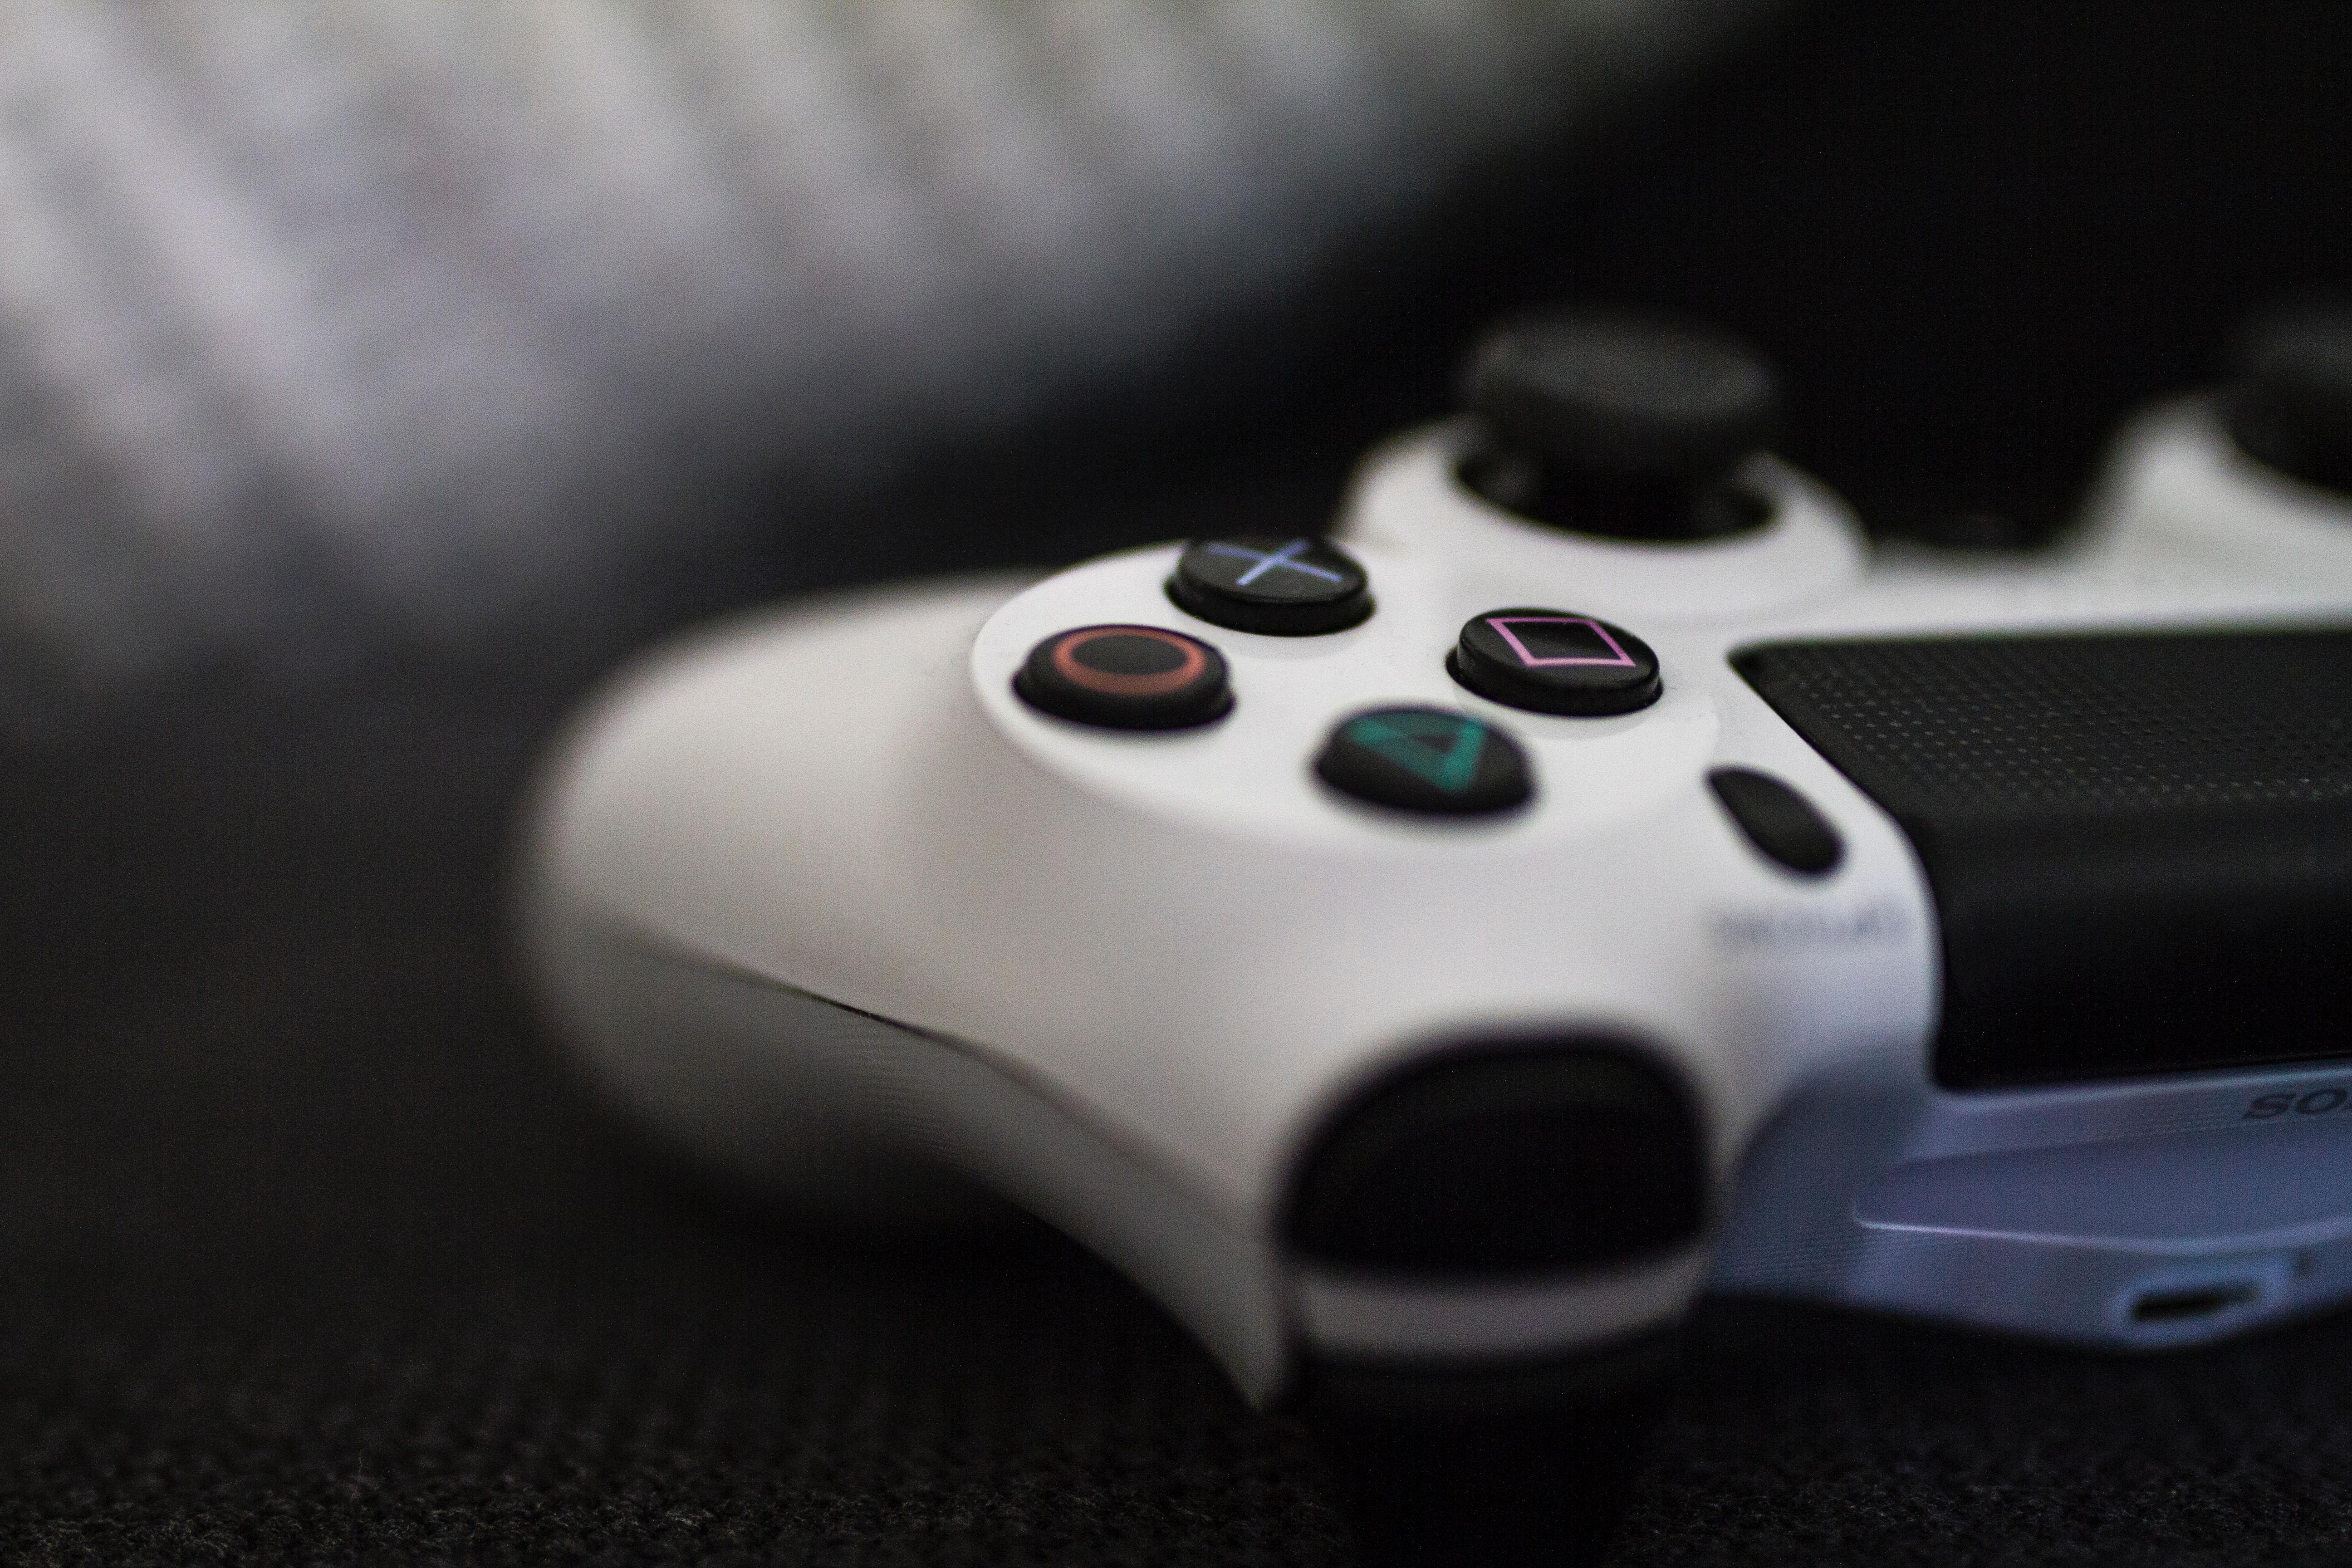 Uzależnienie od gier komputerowych - objawy i leczenie